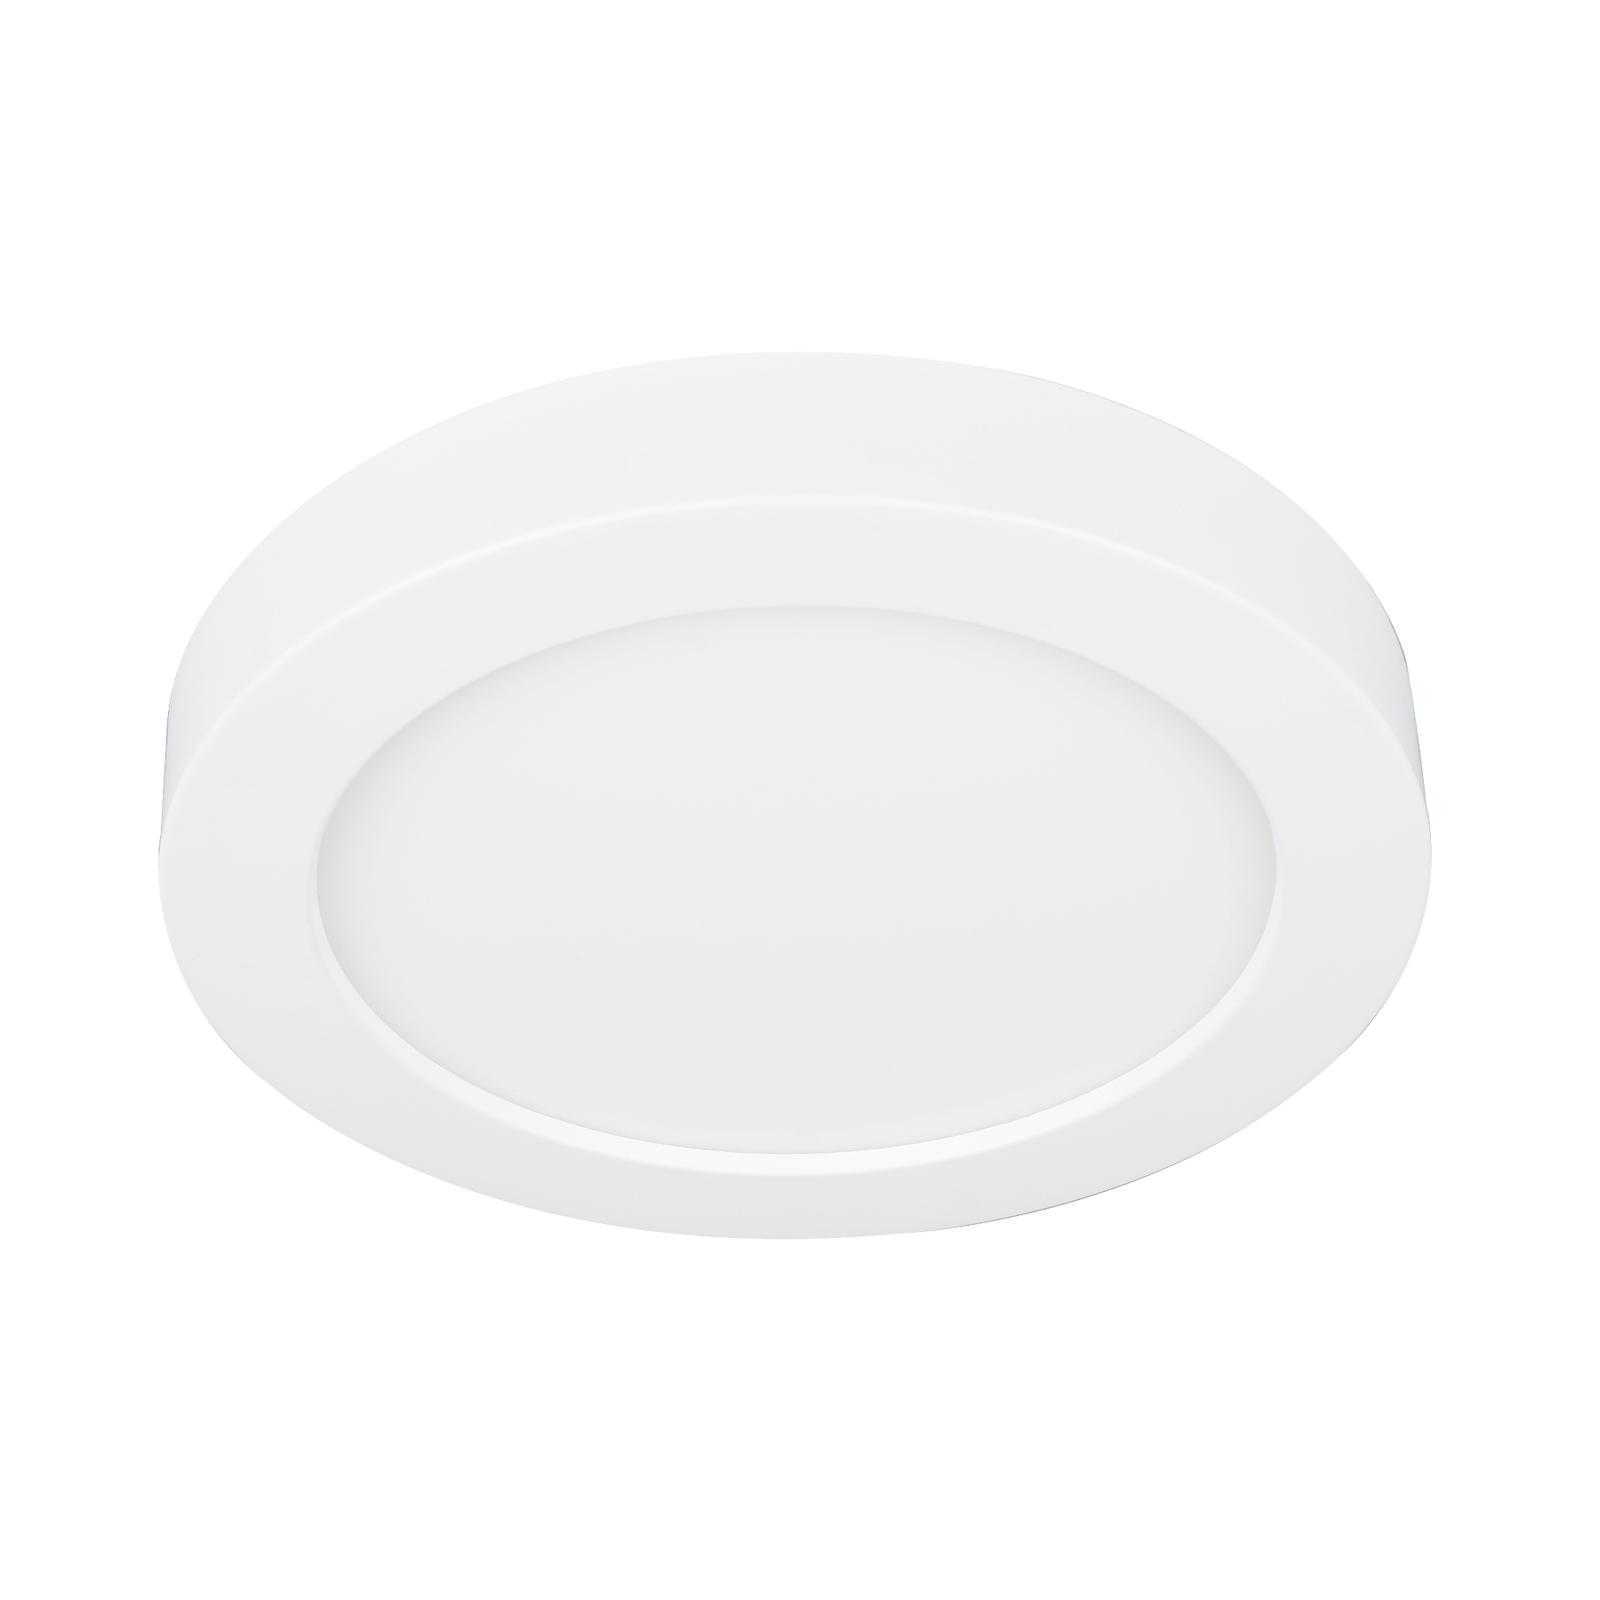 Prios Edwina LED-taklampe, hvit, 12,2 cm